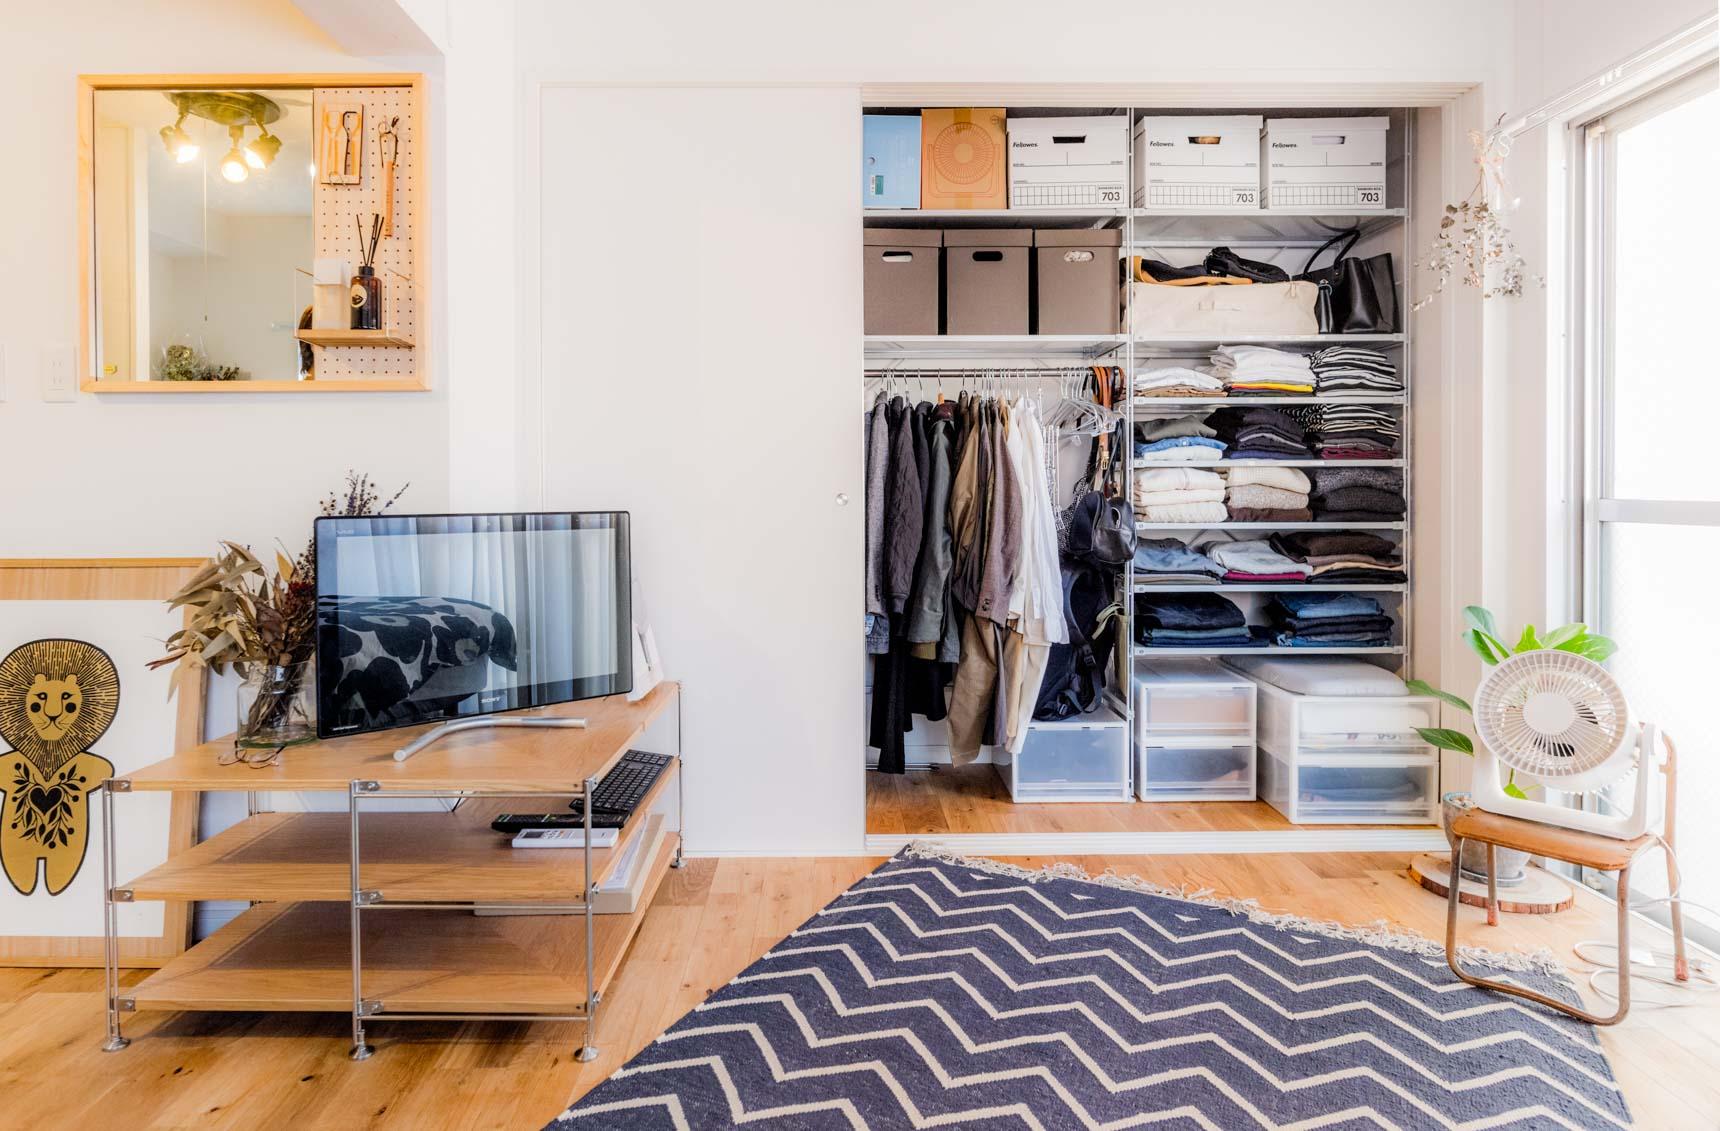 こちらのお部屋では部屋の角にピッタリのユニットシェルフを置いてテレビボードに。デッドスペースをうまく活用されています。(このお部屋はこちら)